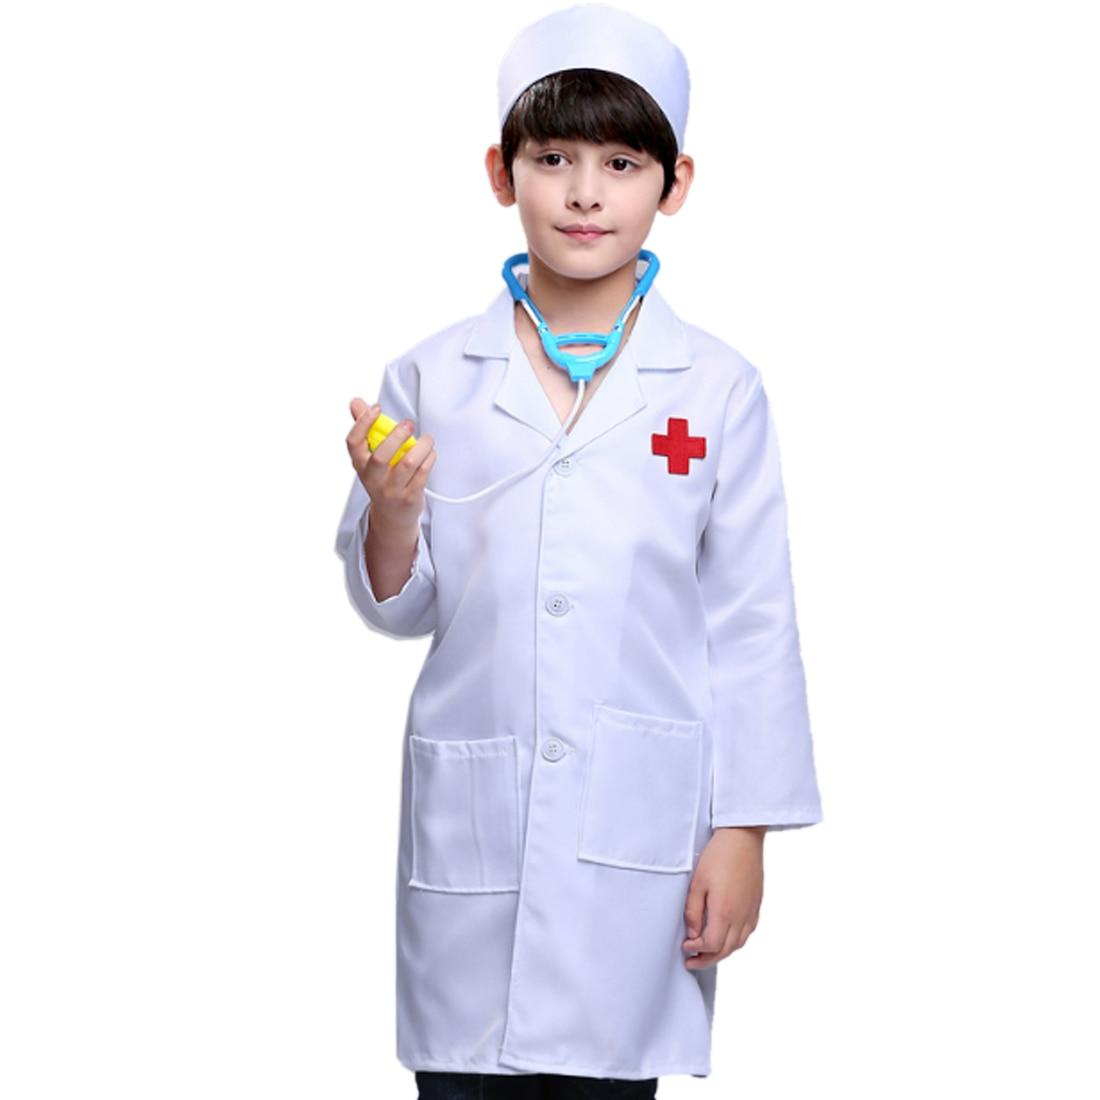 1 Uds., juego de simulación, Little Nurse Doctor, disfraz de juego de rol profesional para 90cm 110cm 130cm niños-Doctor Sleeve + Cap Juguetes de madera para niños, juego de simulación de Doctor, Kit médico de inyección de enfermera, juego de rol, Juguetes clásicos, juguetes de simulación de Doctor para niños